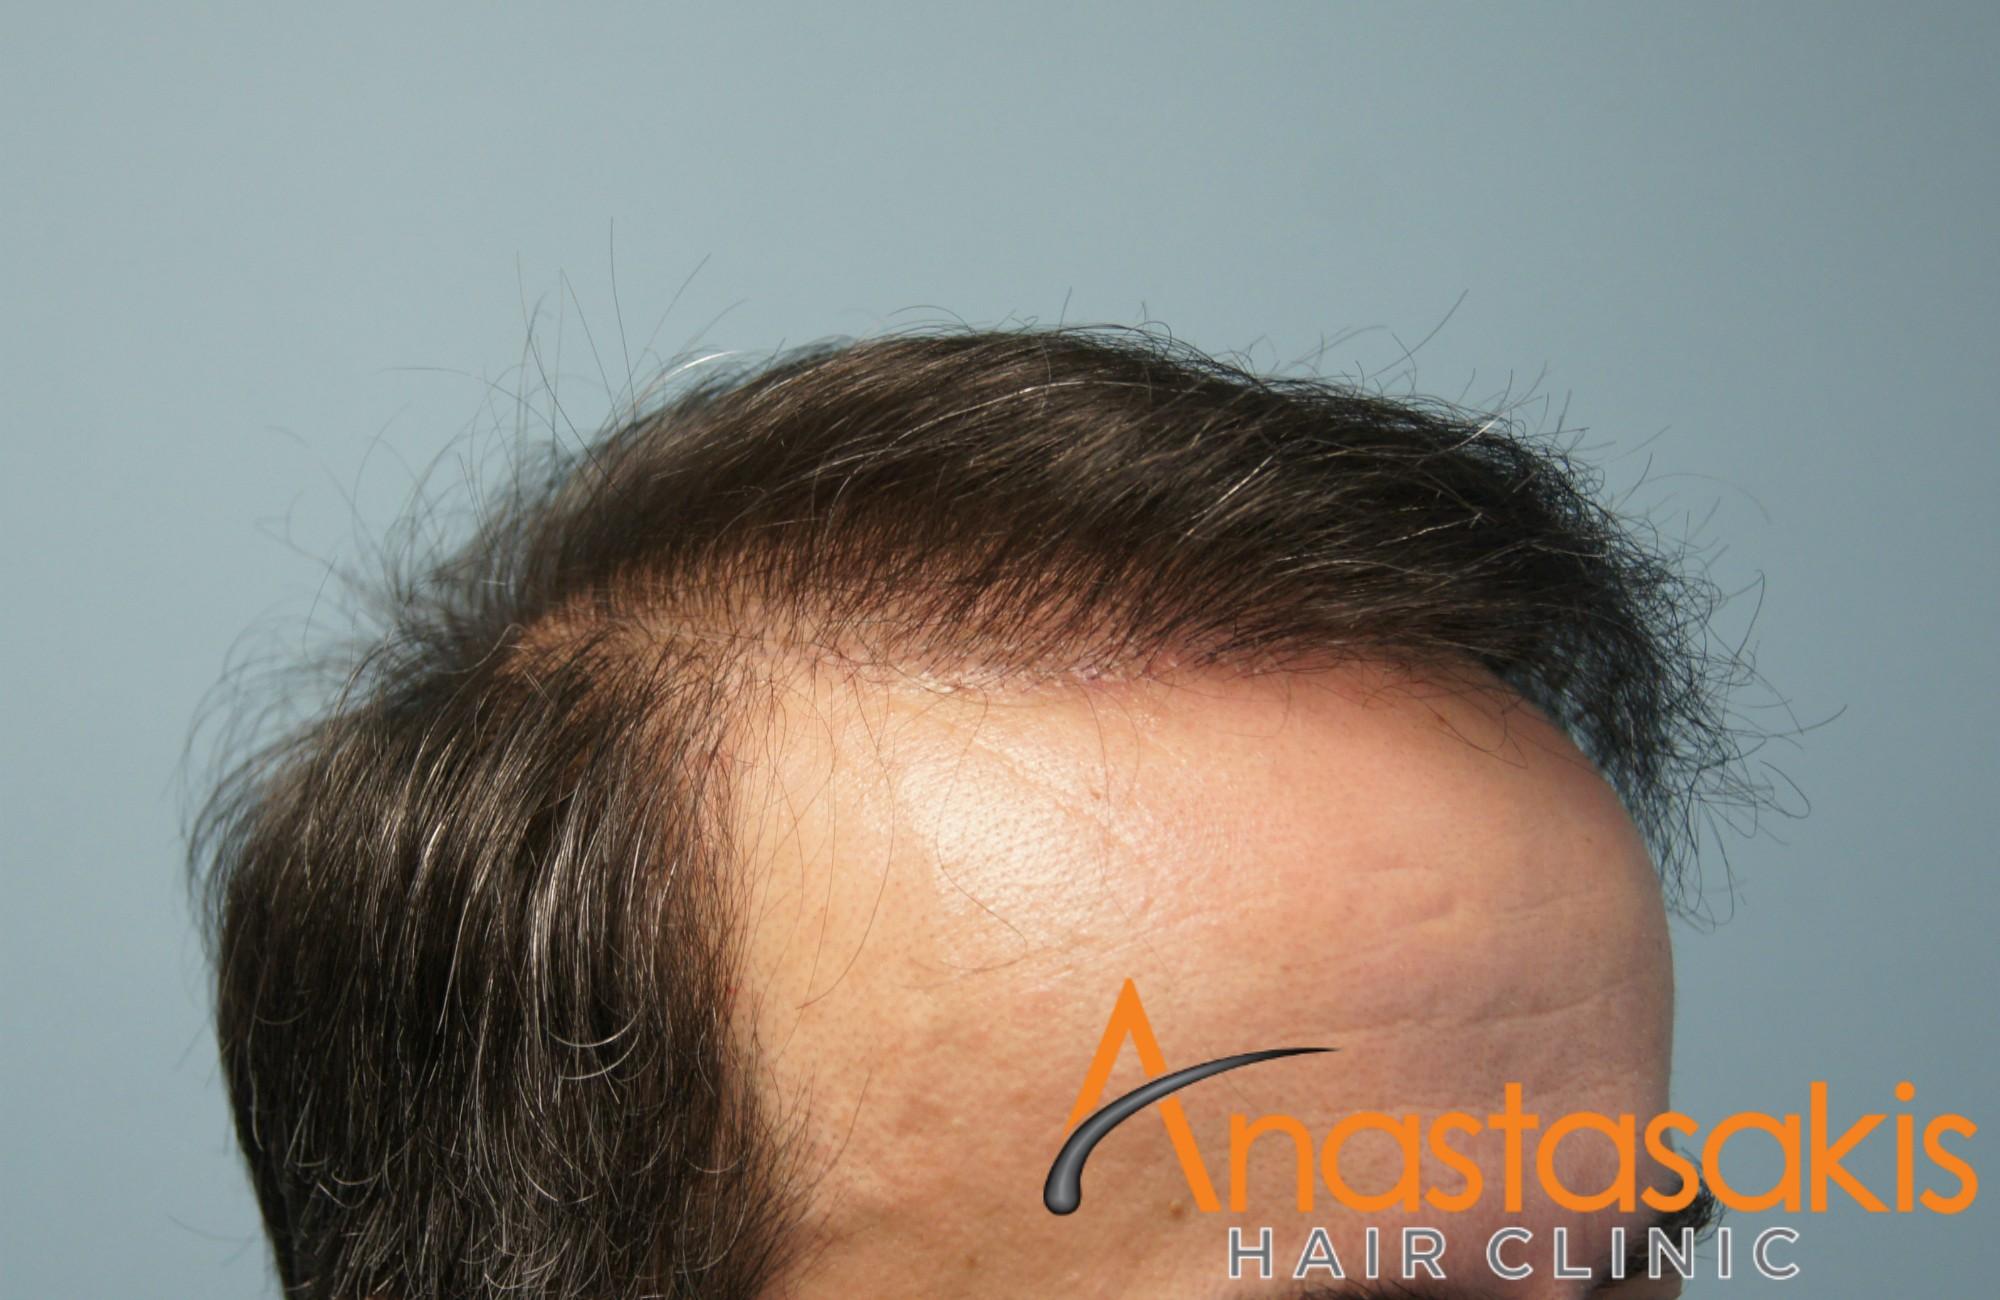 δεξι προφιλ ασθενους μετα τη μεταμοσχευση μαλλιων με 3300 fus